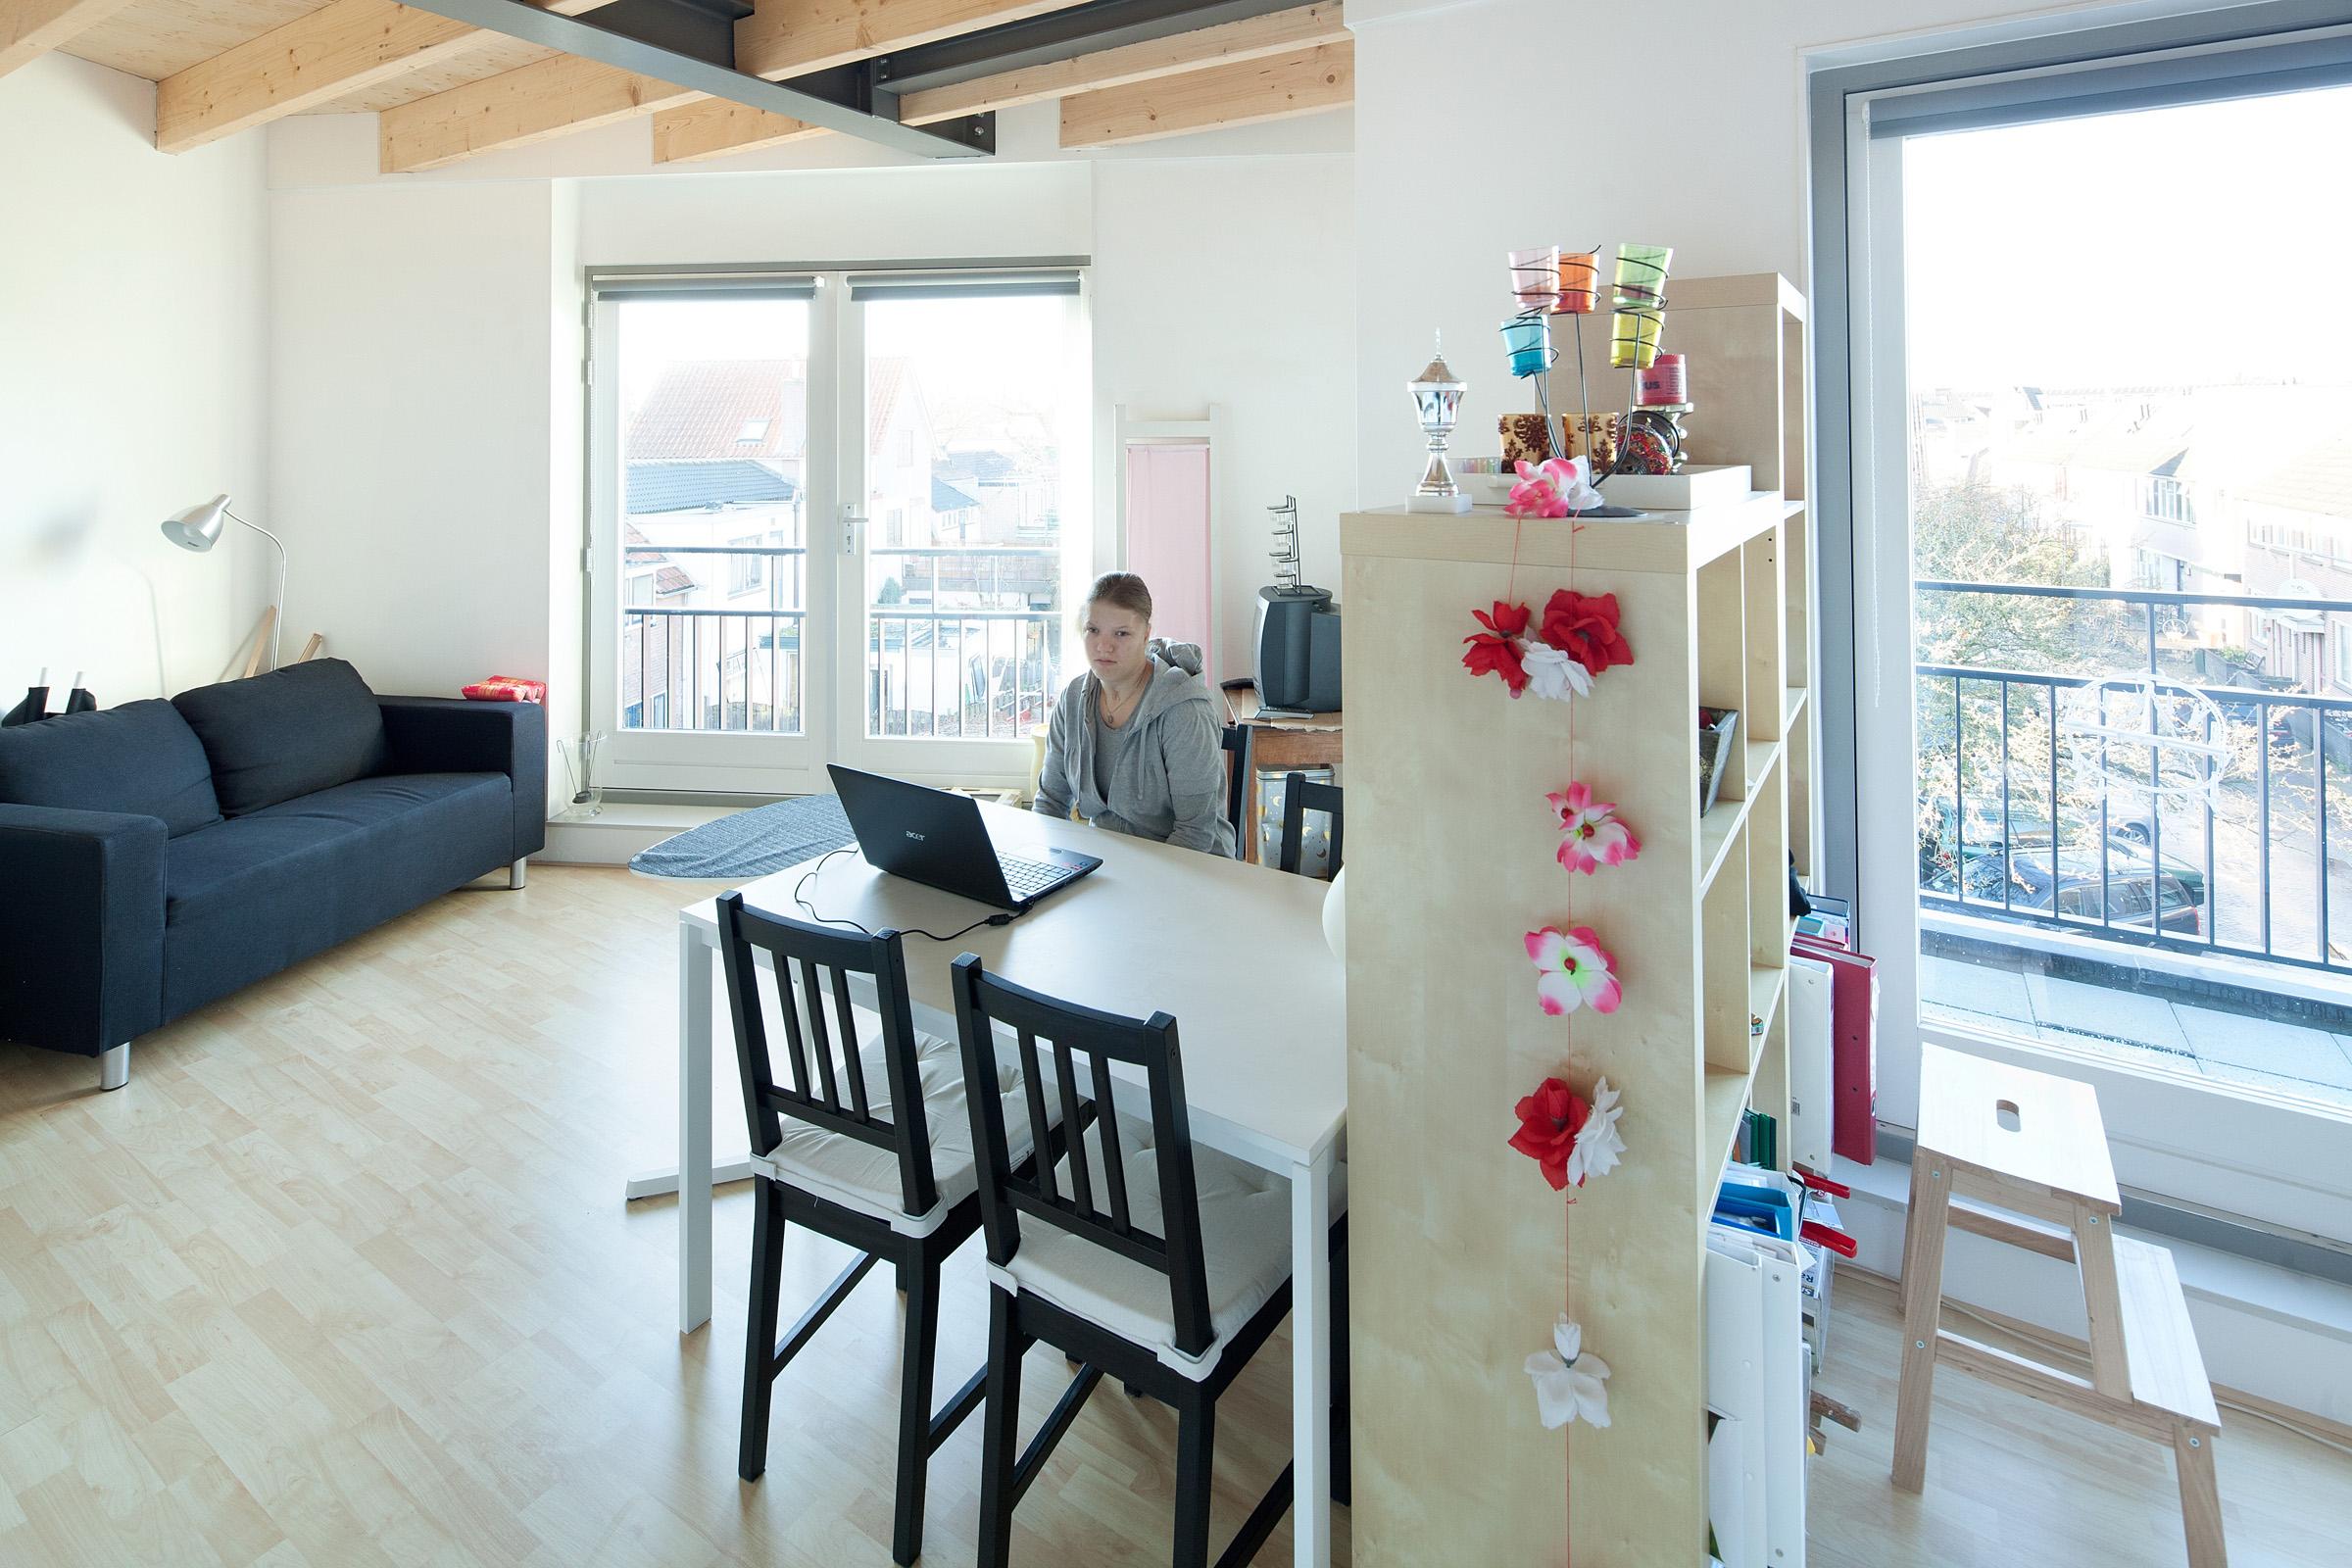 Villa met vijf studio s in hilversum de architect - Kleine studio ontwikkeling ...